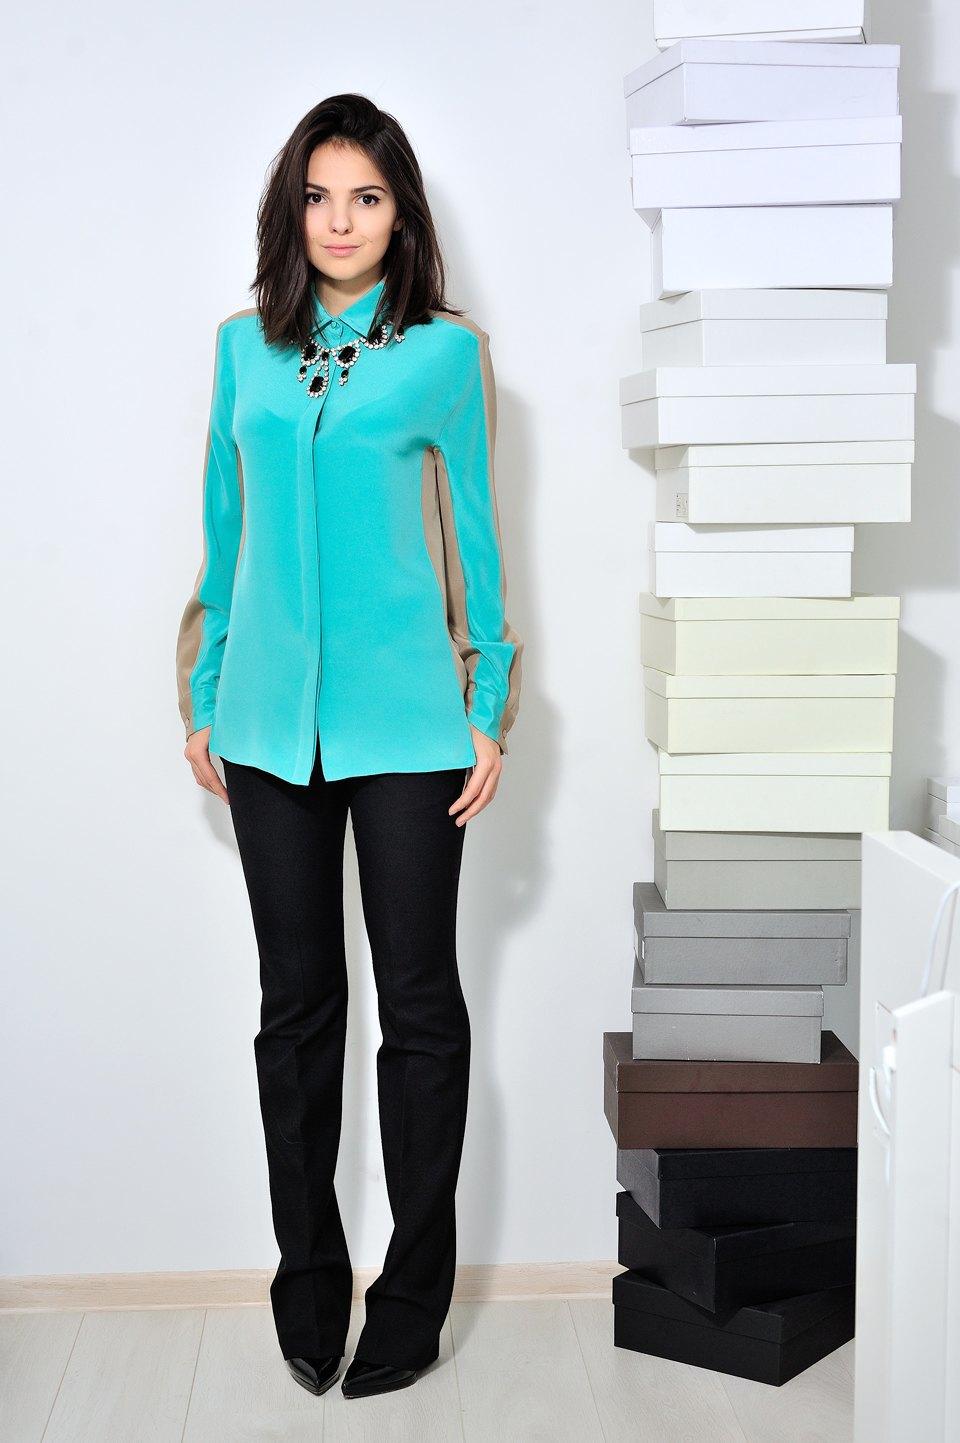 Дойна Чобану, блогер. Изображение № 27.